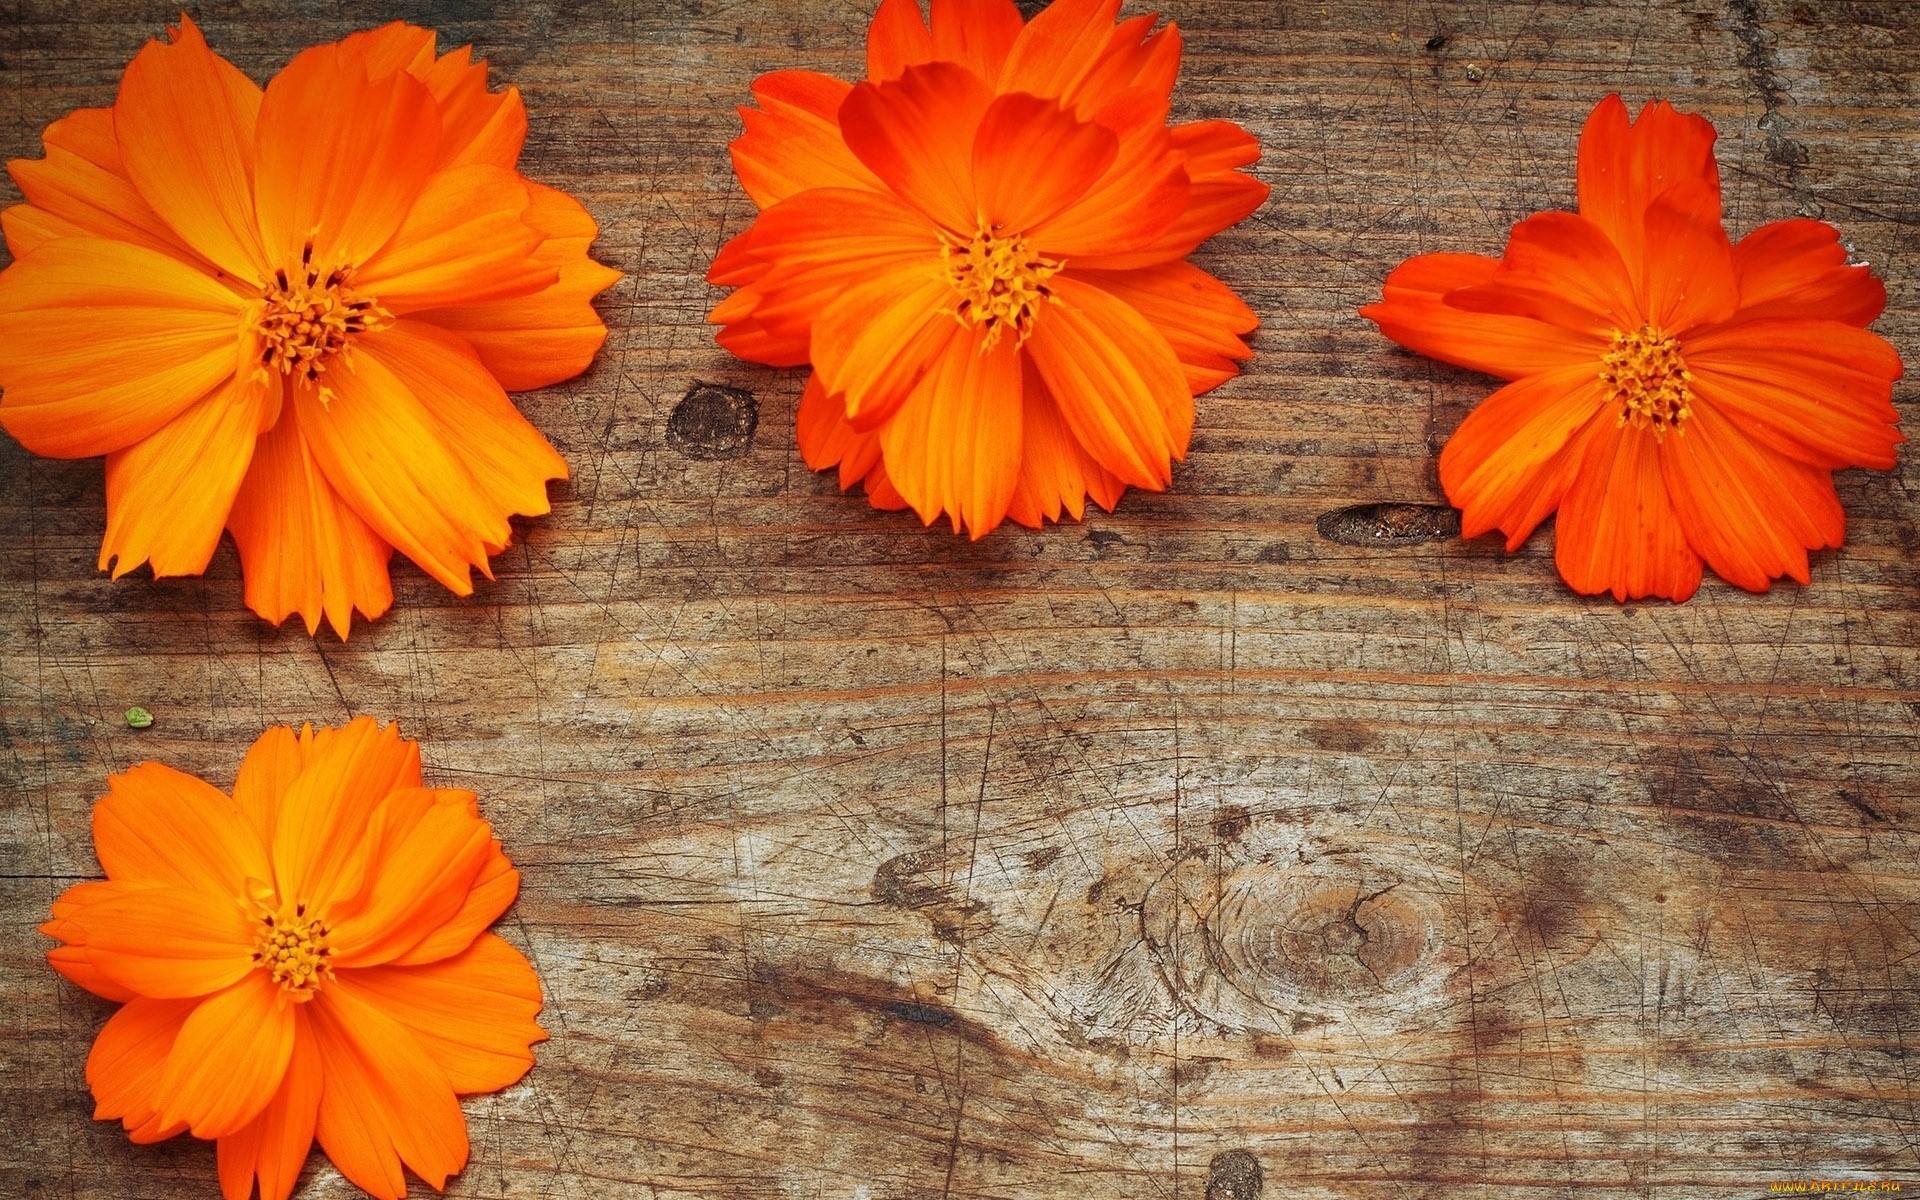 21489 скачать обои Растения, Цветы - заставки и картинки бесплатно